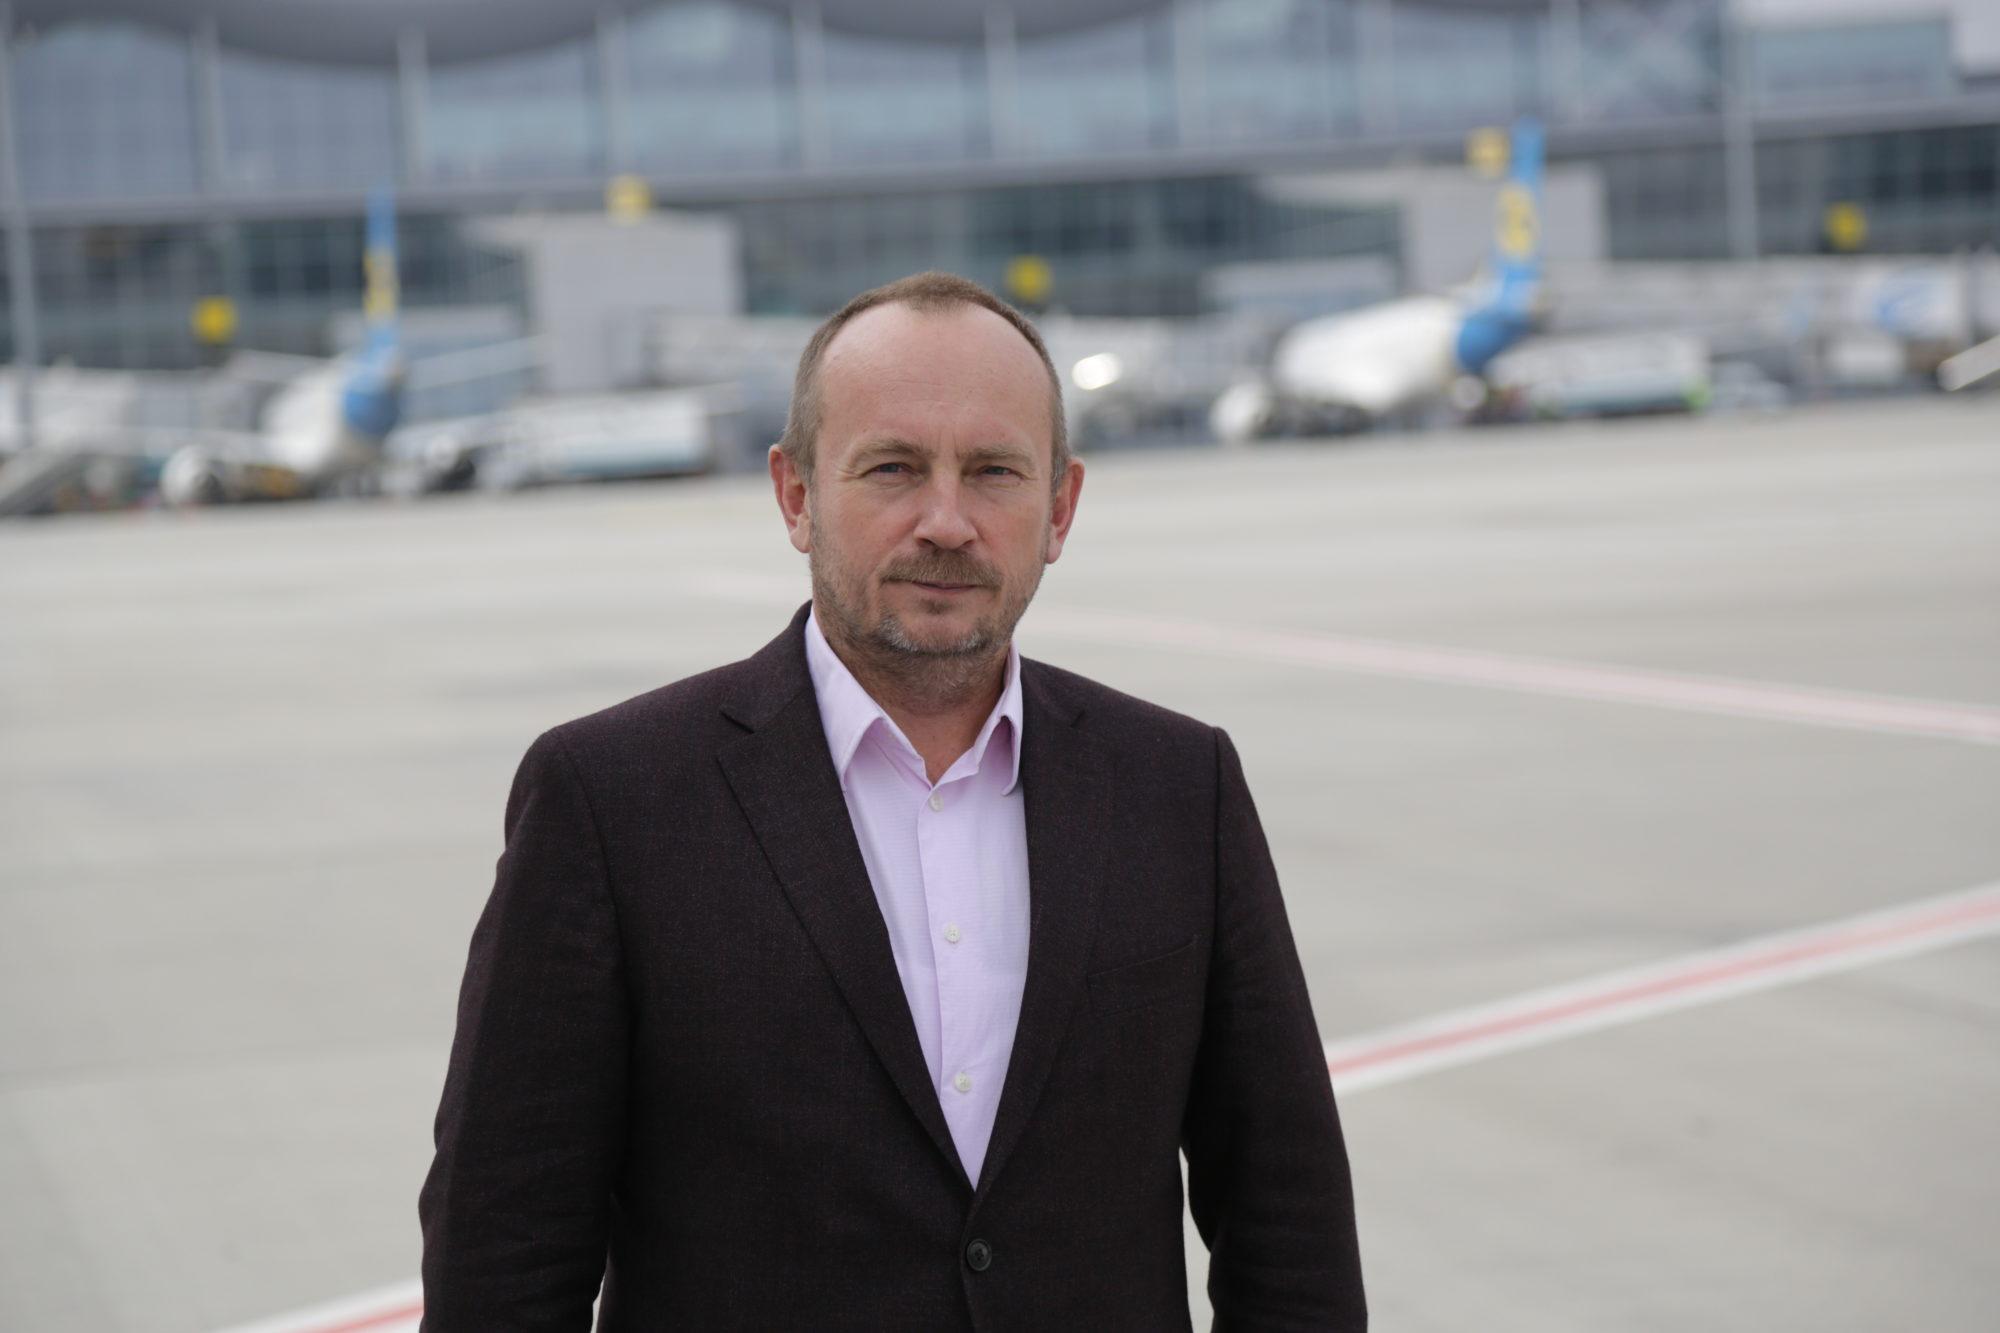 Генеральний директор аеропорту «Бориспіль» пішов з посади - керівник, аеропорт «Бориспіль» - GD 2000x1333